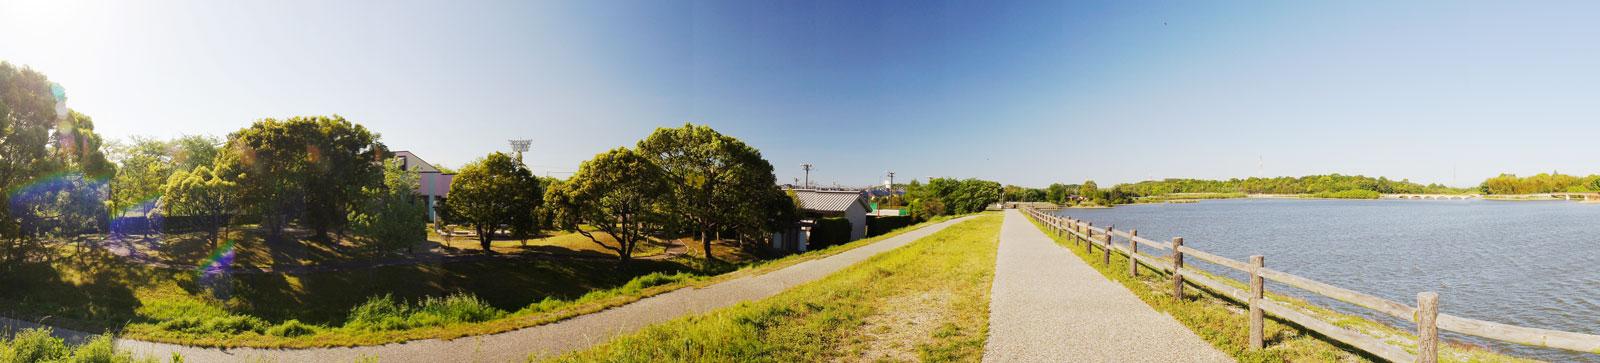 勅使水辺公園 勅使池の周辺を囲む約2.7kmの園路